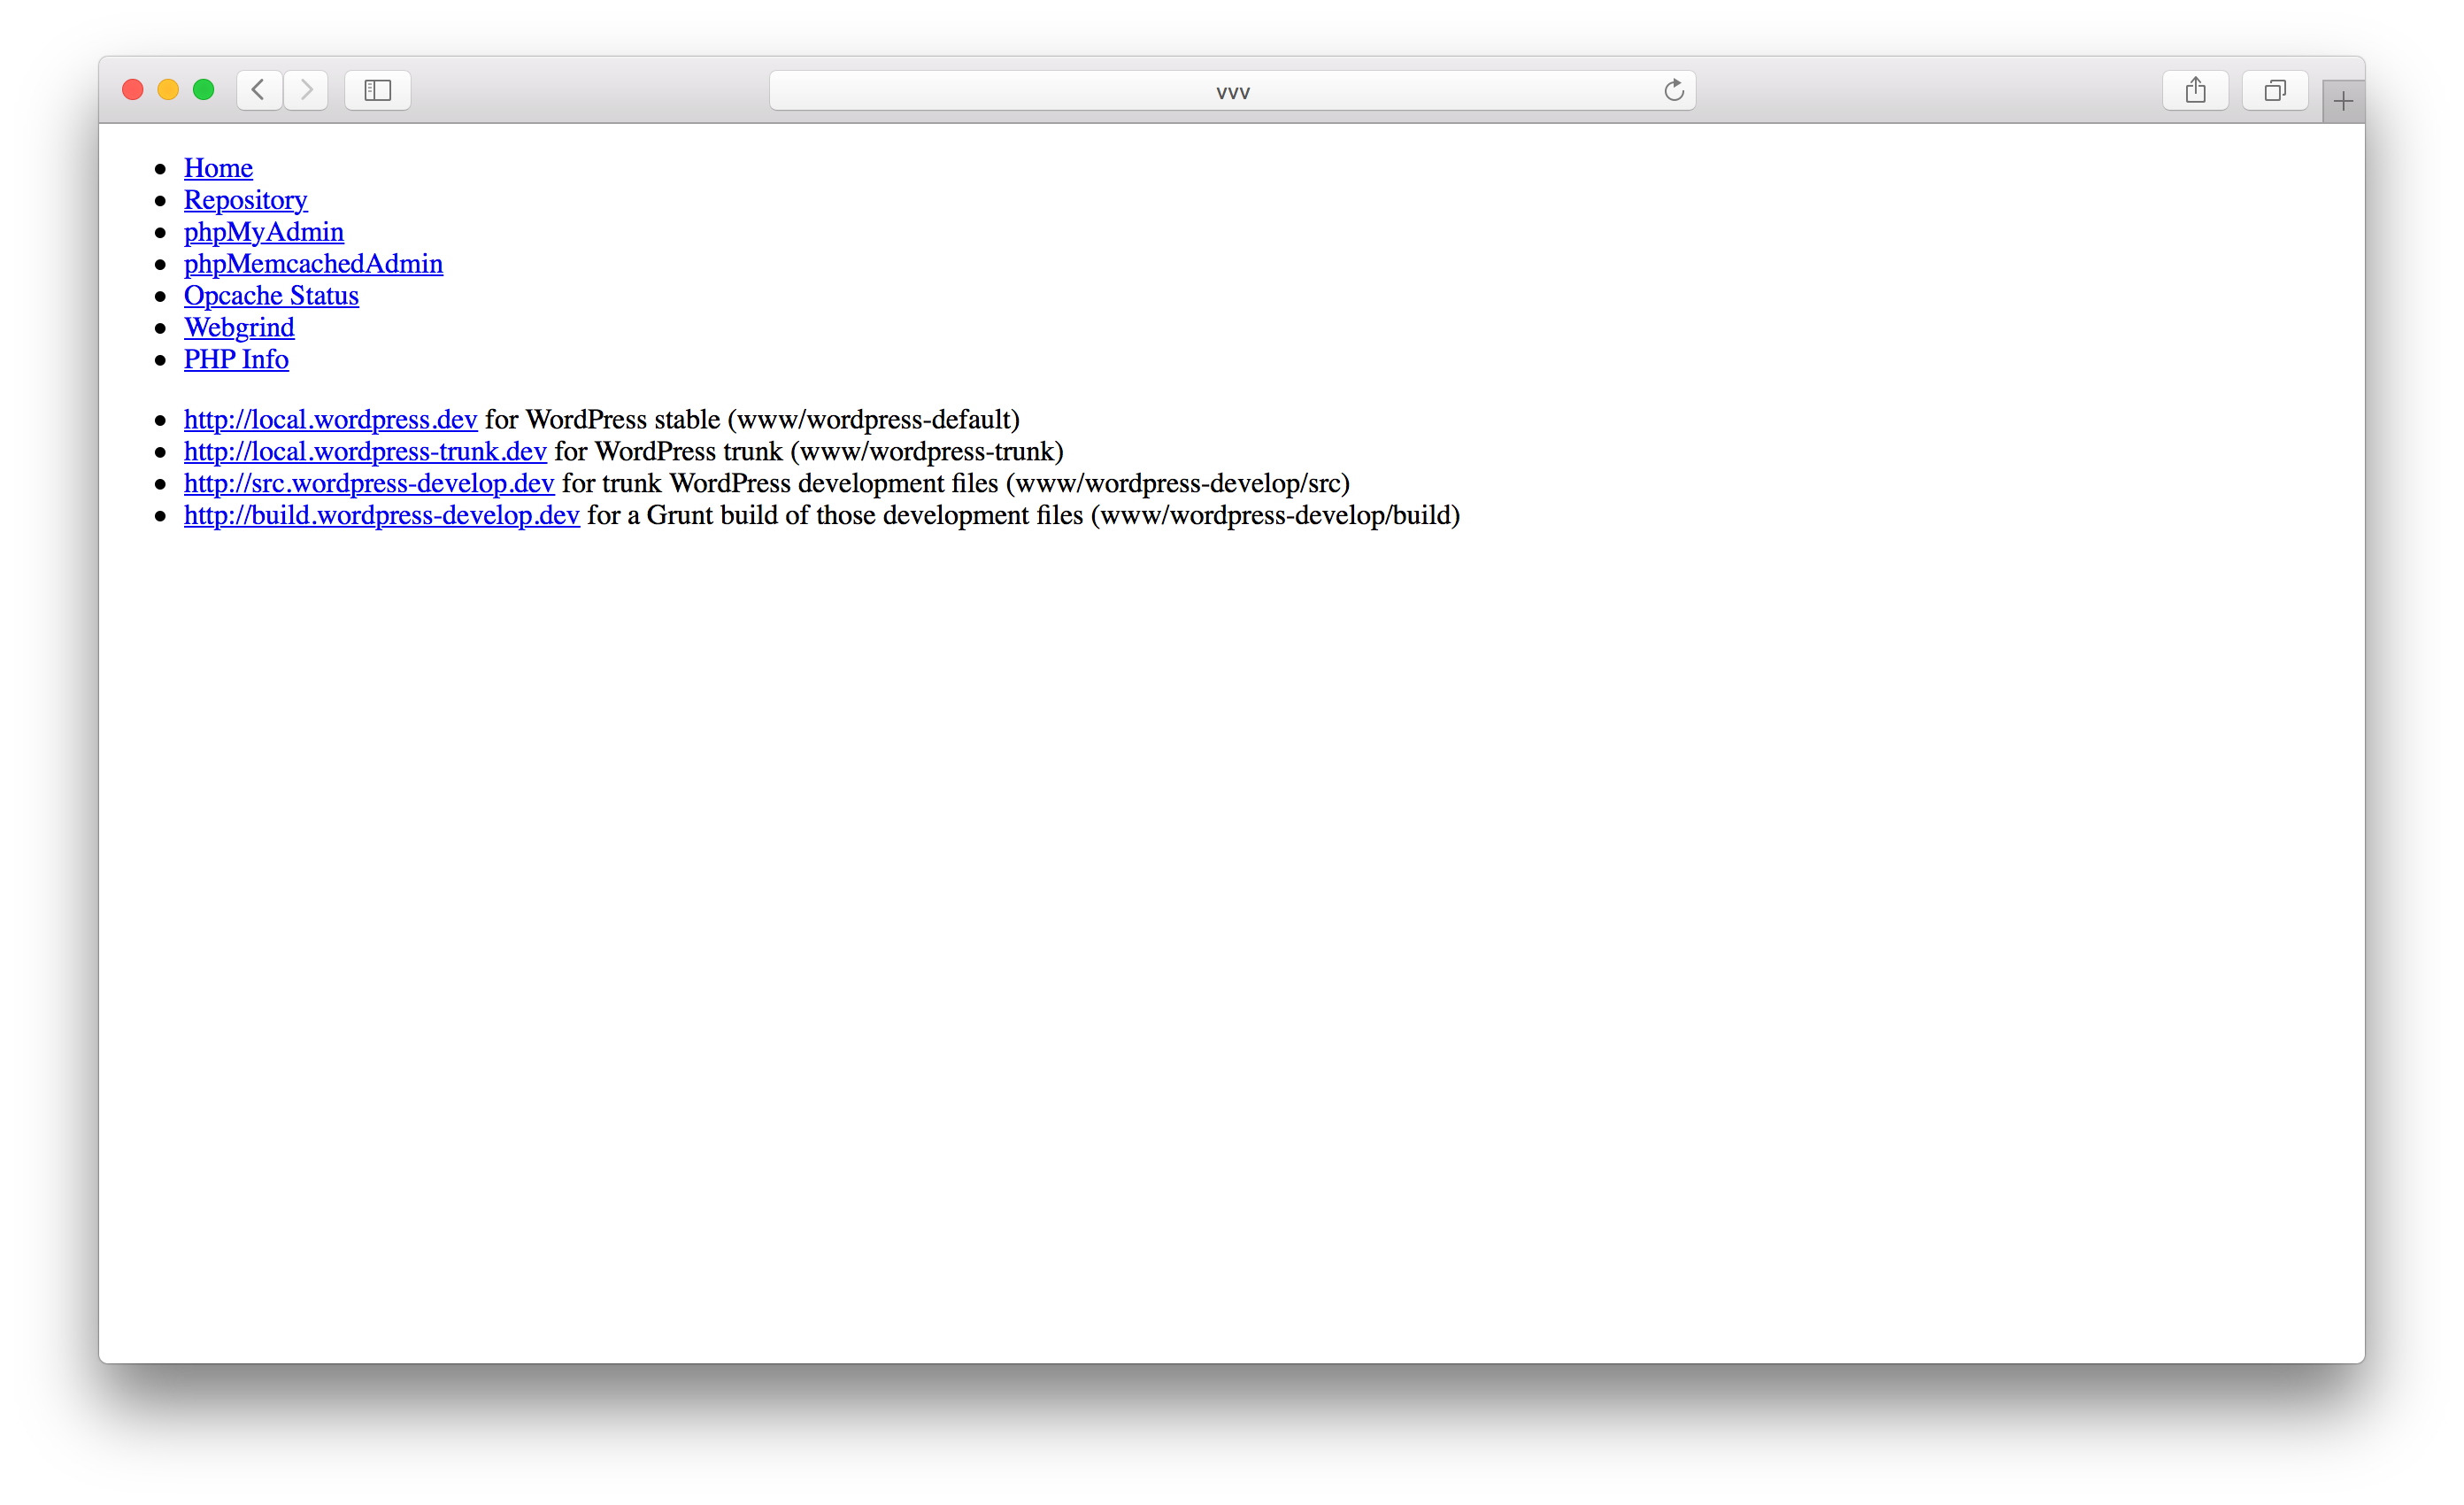 Главная страница VVV сервера и ссылки на доступные сайты и сервисы.